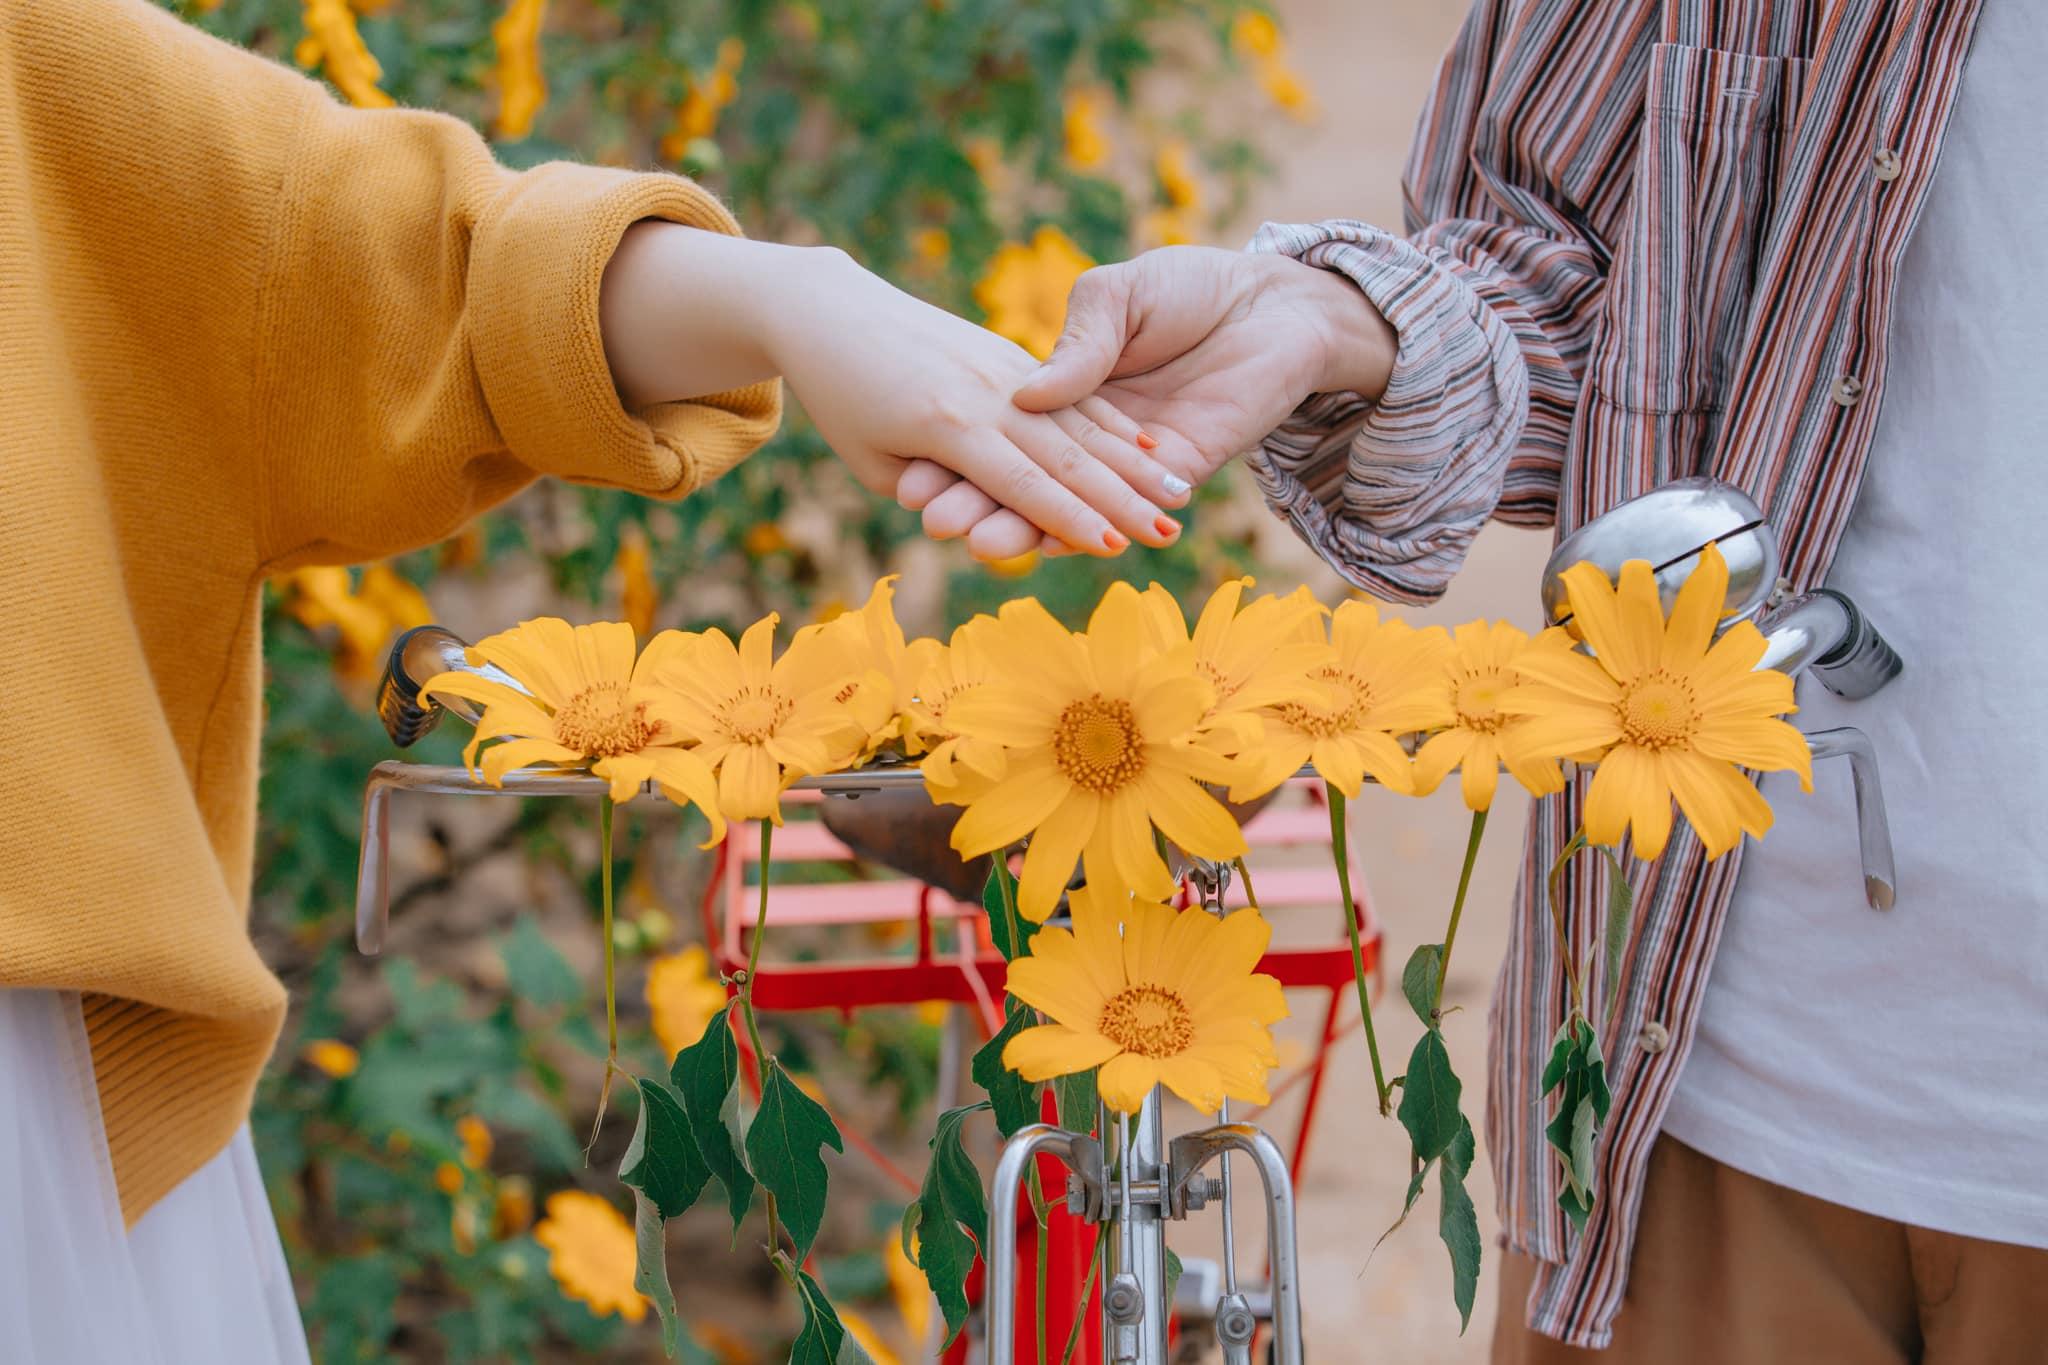 Ngắm Đà Lạt mùa hoa dã quỳ qua bộ ảnh lãng mạn của cặp đôi trẻ - Ảnh 3.